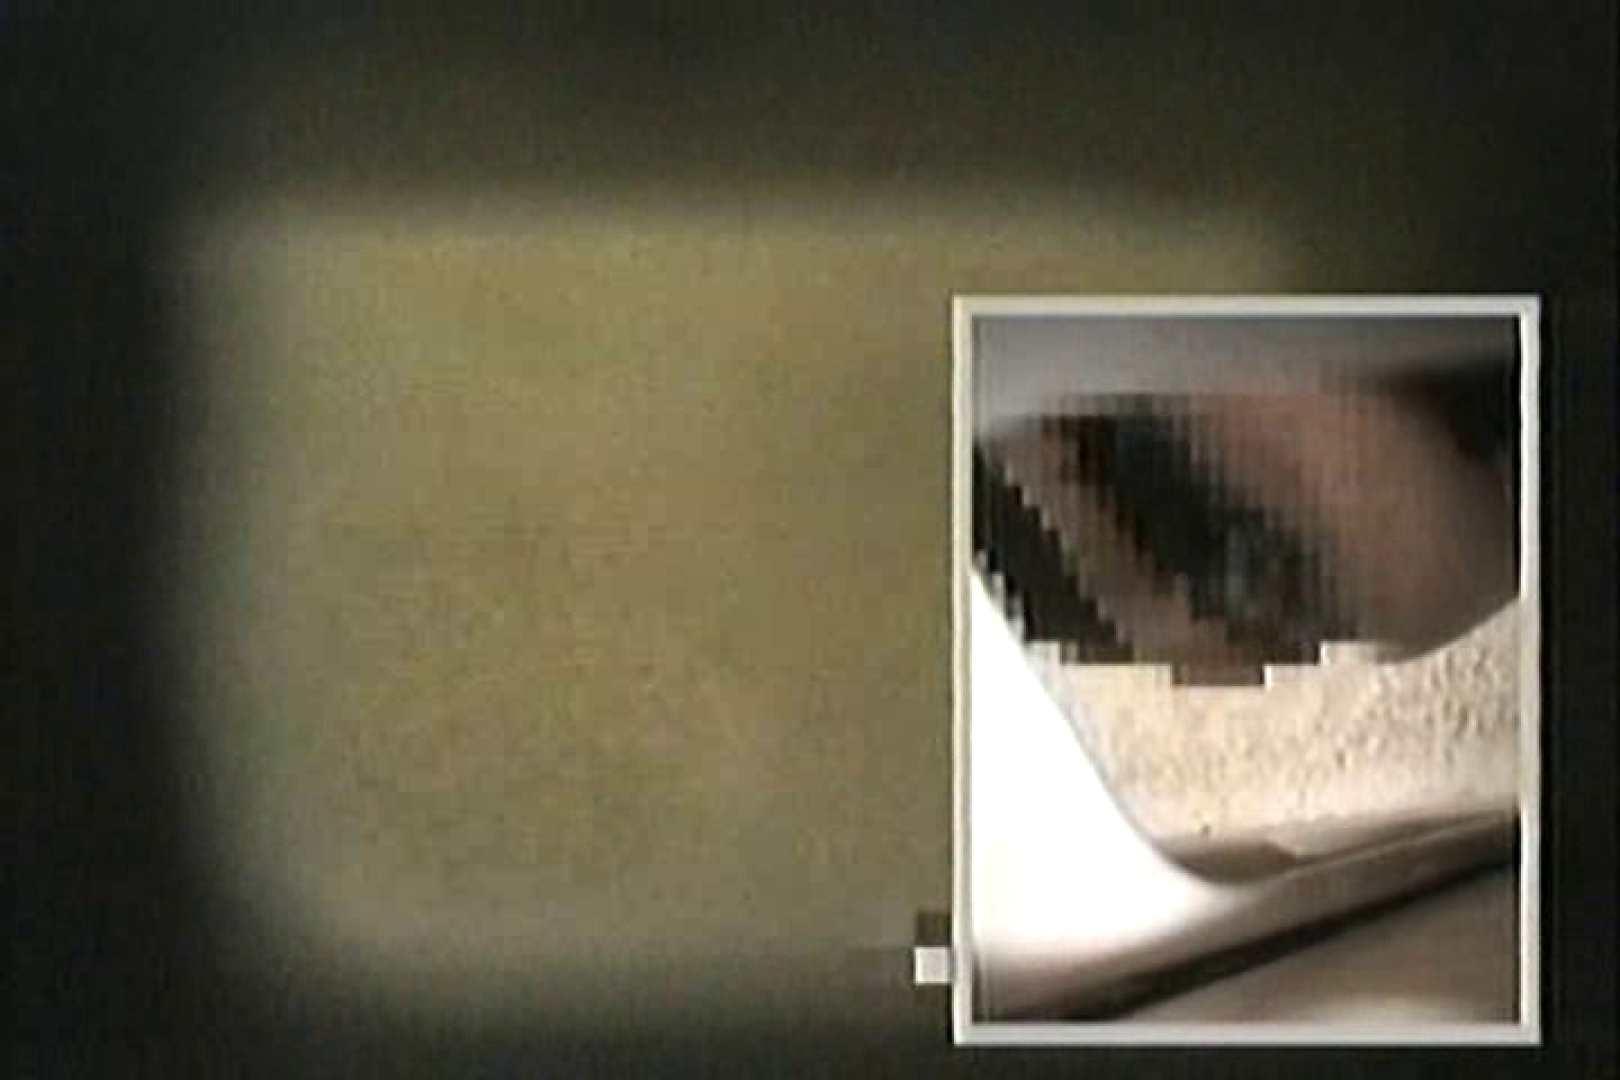 女子洗面所盗撮 今度の2カメは若い子だらけ  TK-127 おまんこ  76枚 69